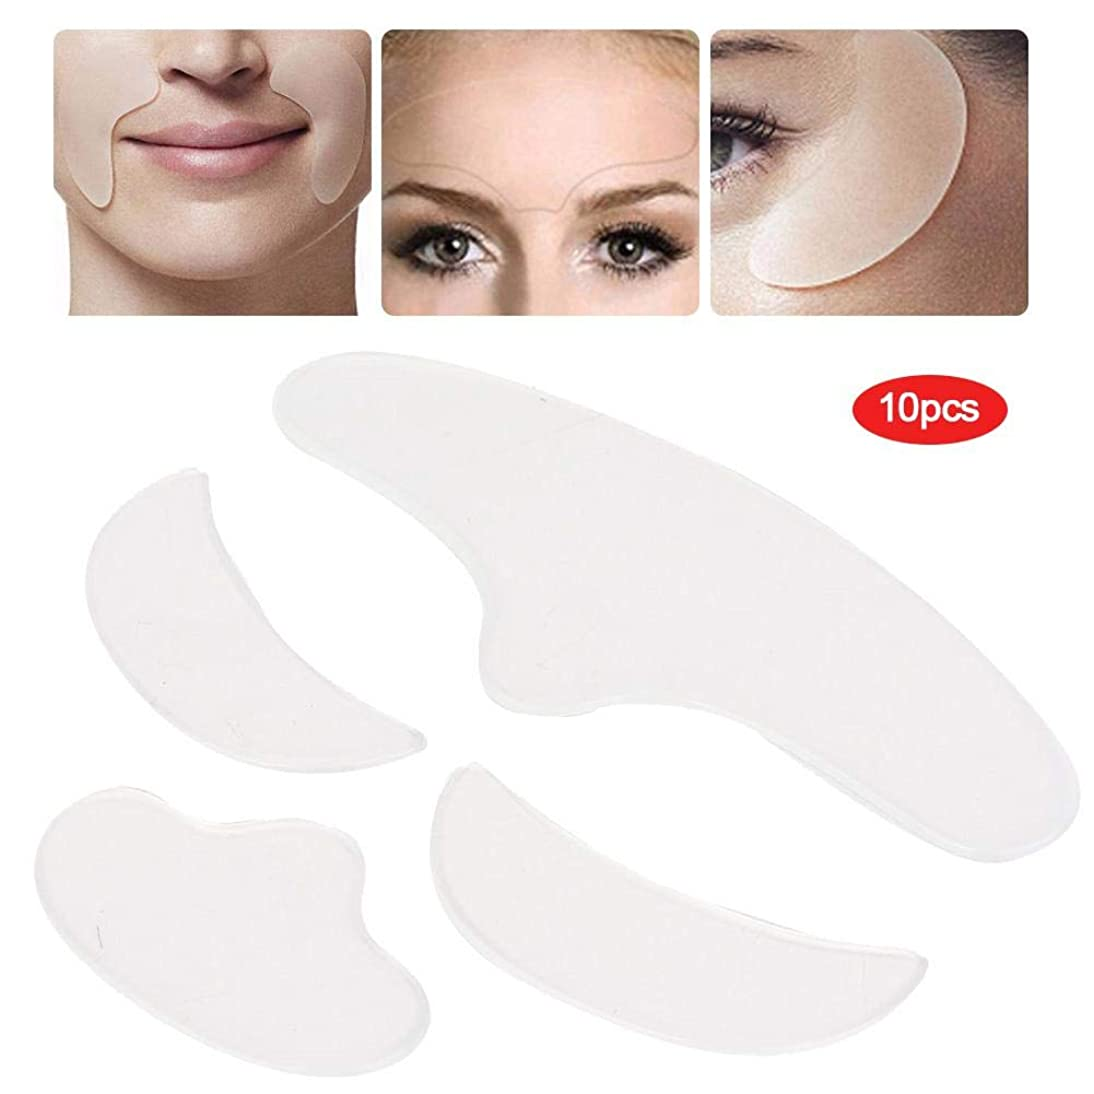 五十作りパケット活性化肌の弾力性 4ピース シリコン パッチパッド スキンリフティング 洗える 額の目の顔 あご パッチ